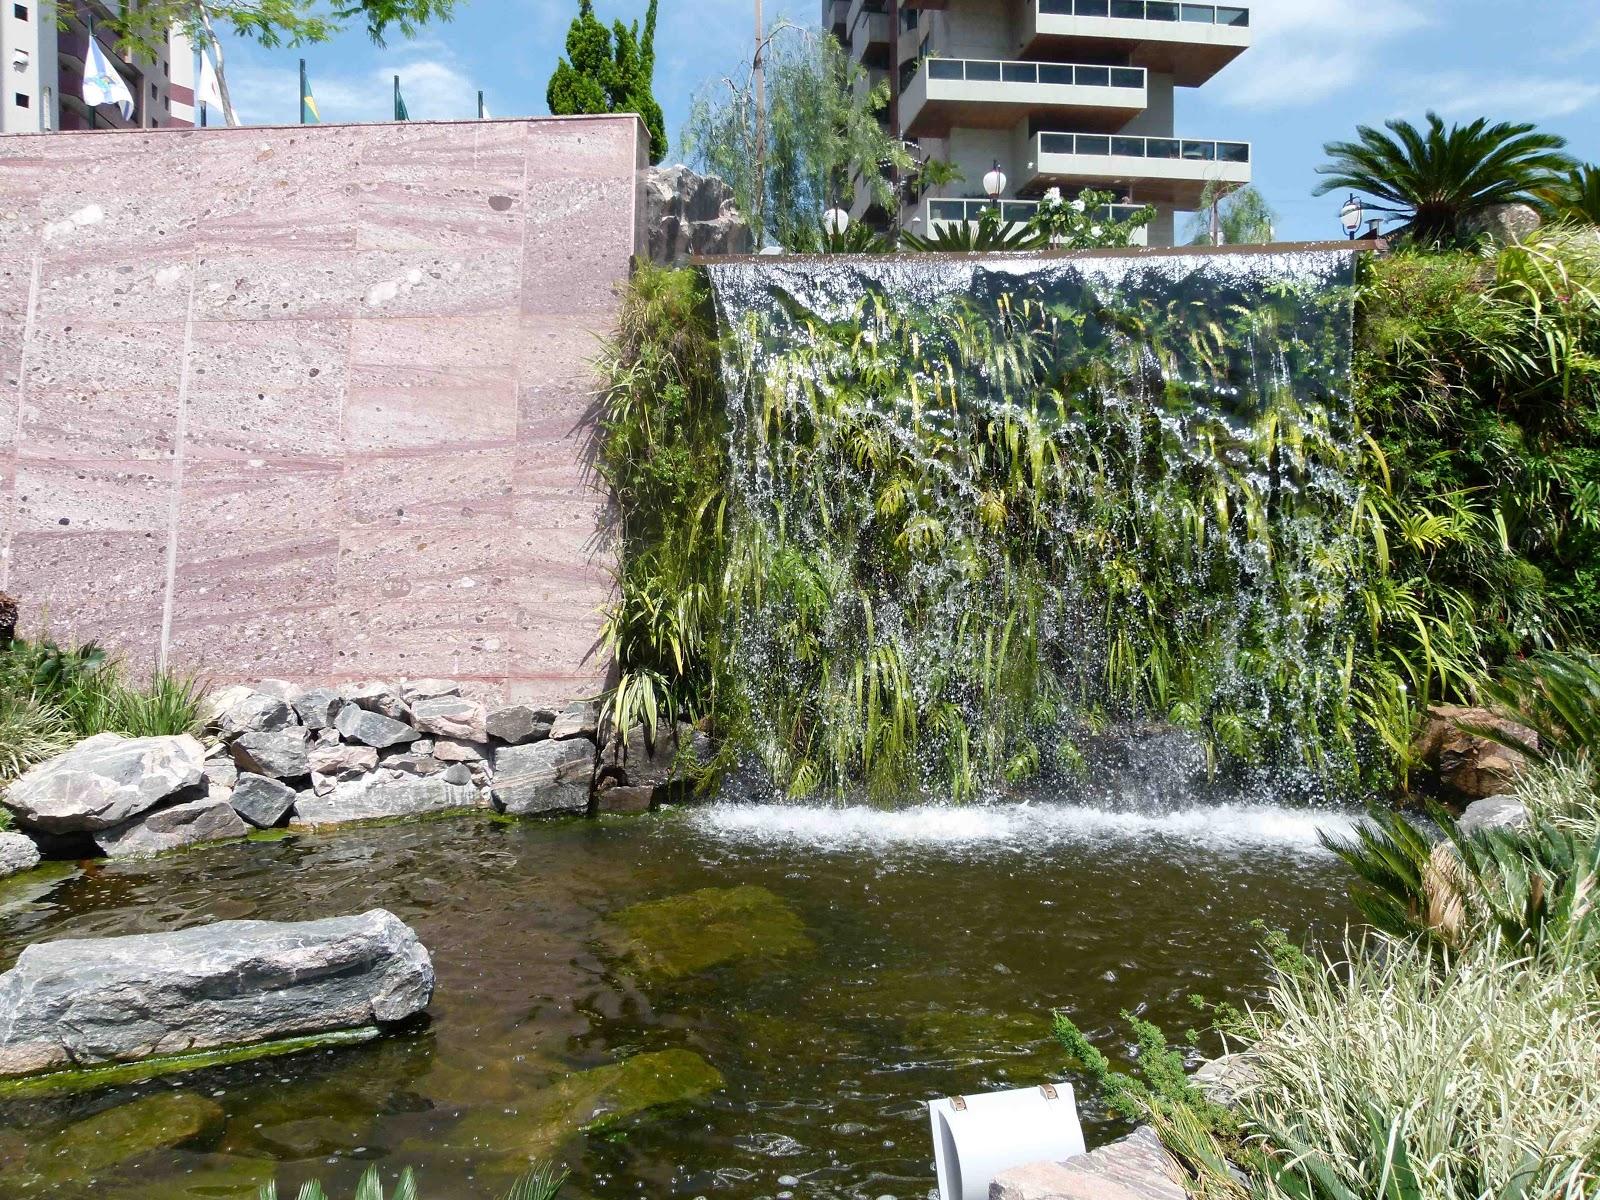 banco de jardim em fortaleza: Campistas: Av. Beira Mar e Jardim Japonês em Fortaleza, Ce